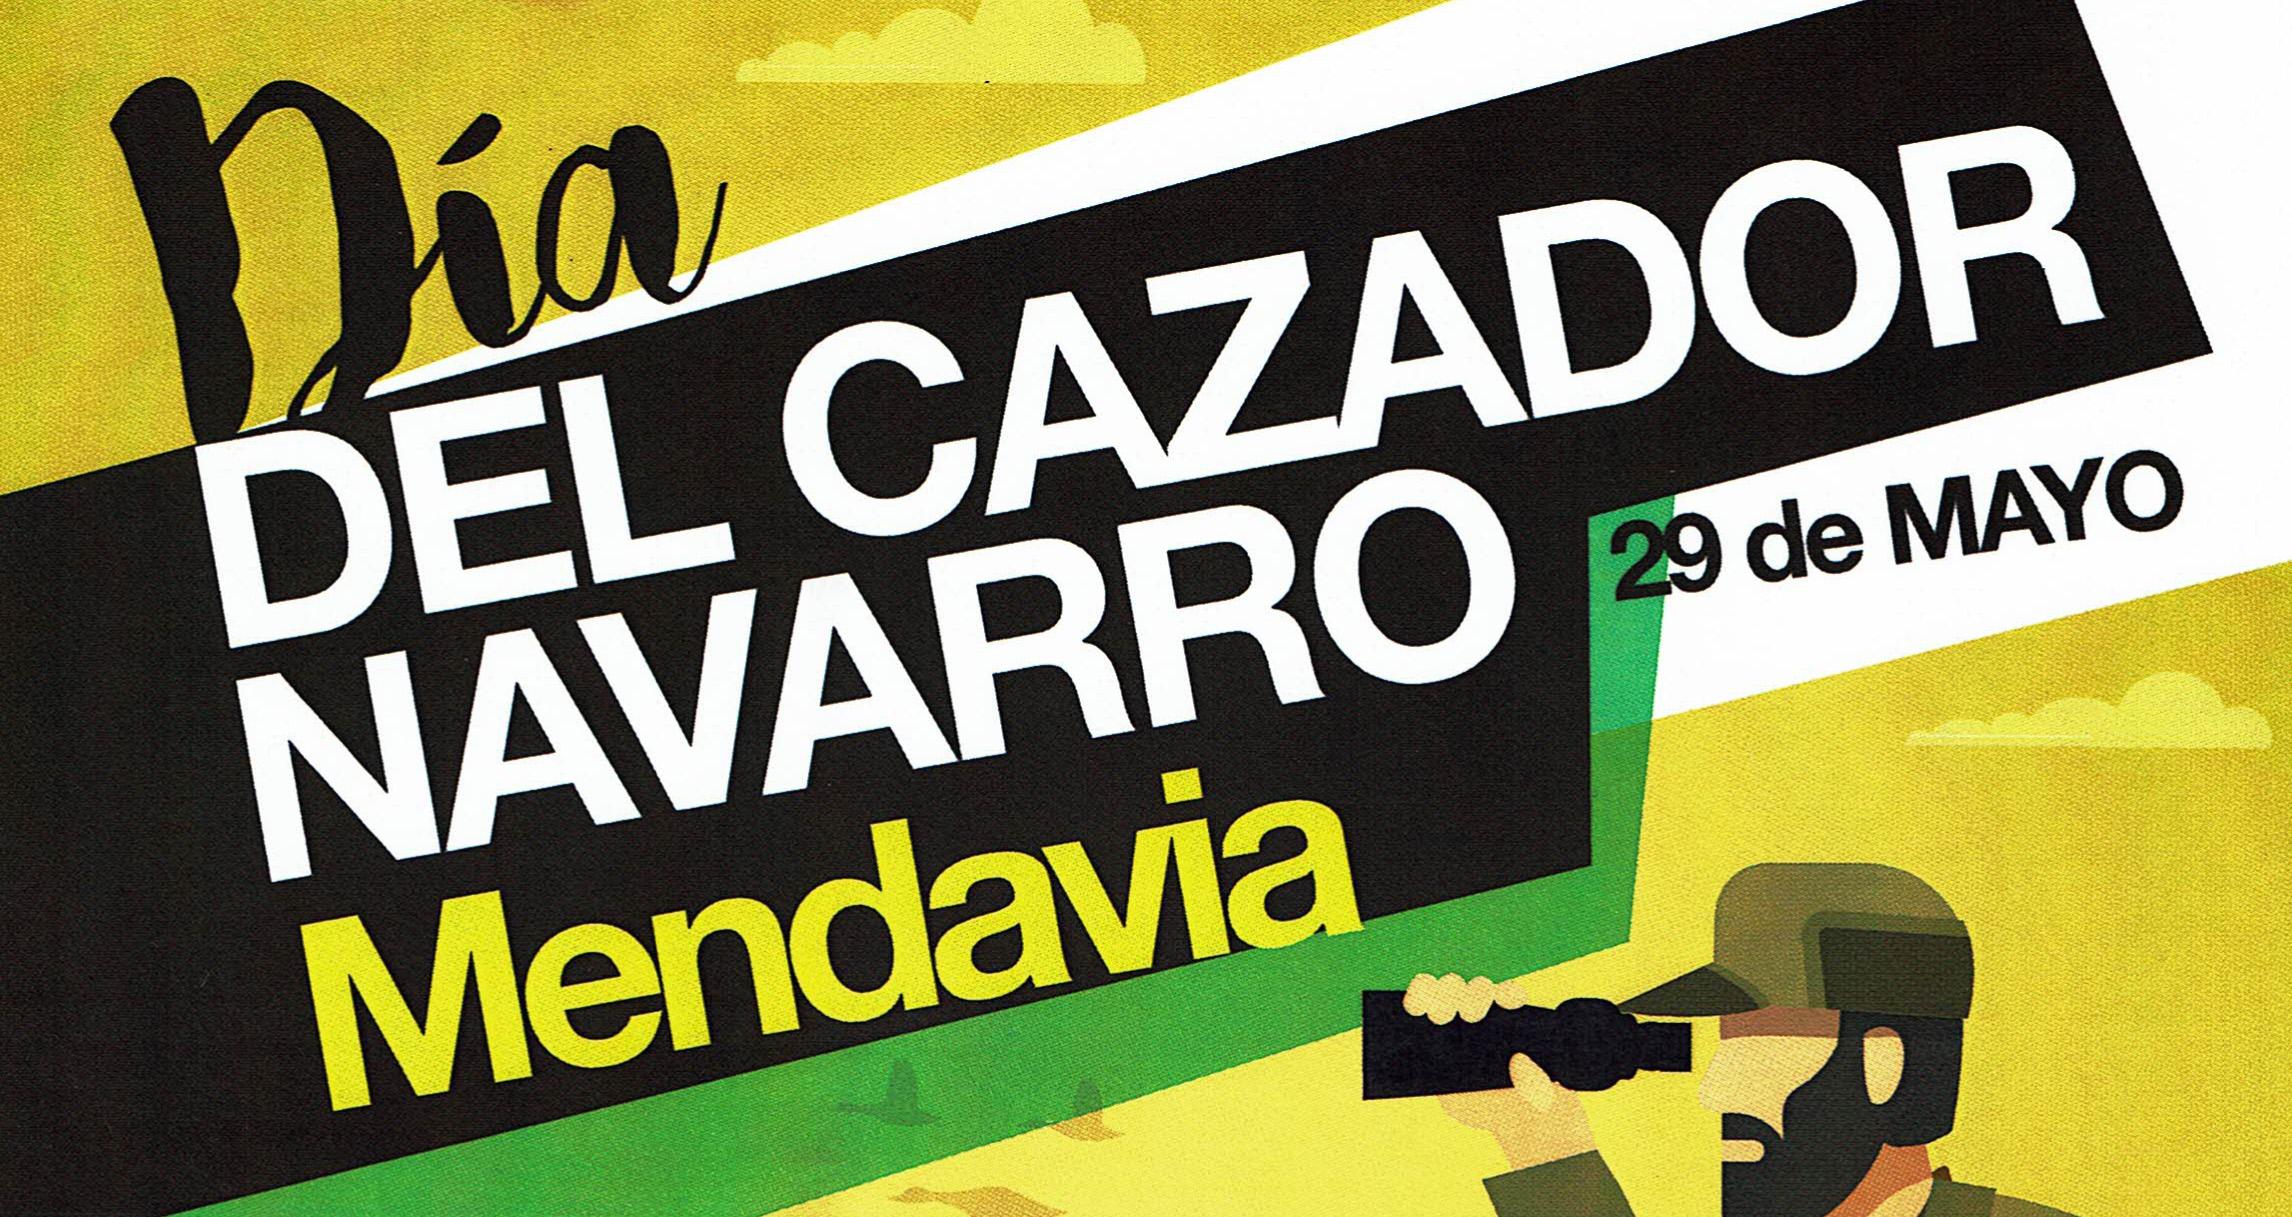 Día de la Caza en Mendavia